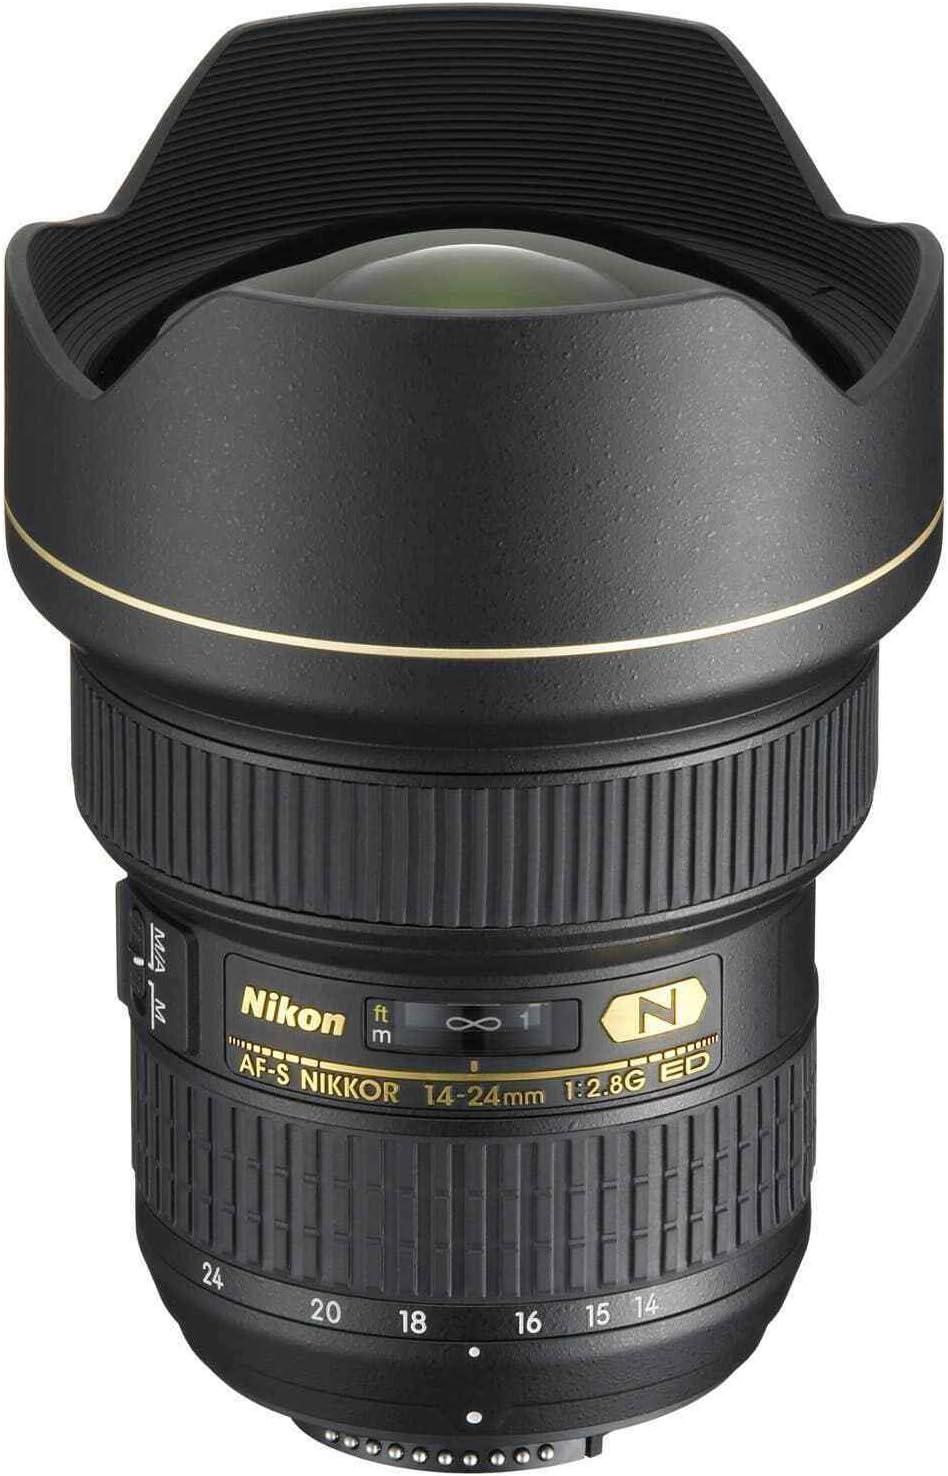 Nikon 14 24mm F 2 8g Ed Af S Nikkor Black Camera Camera Photo